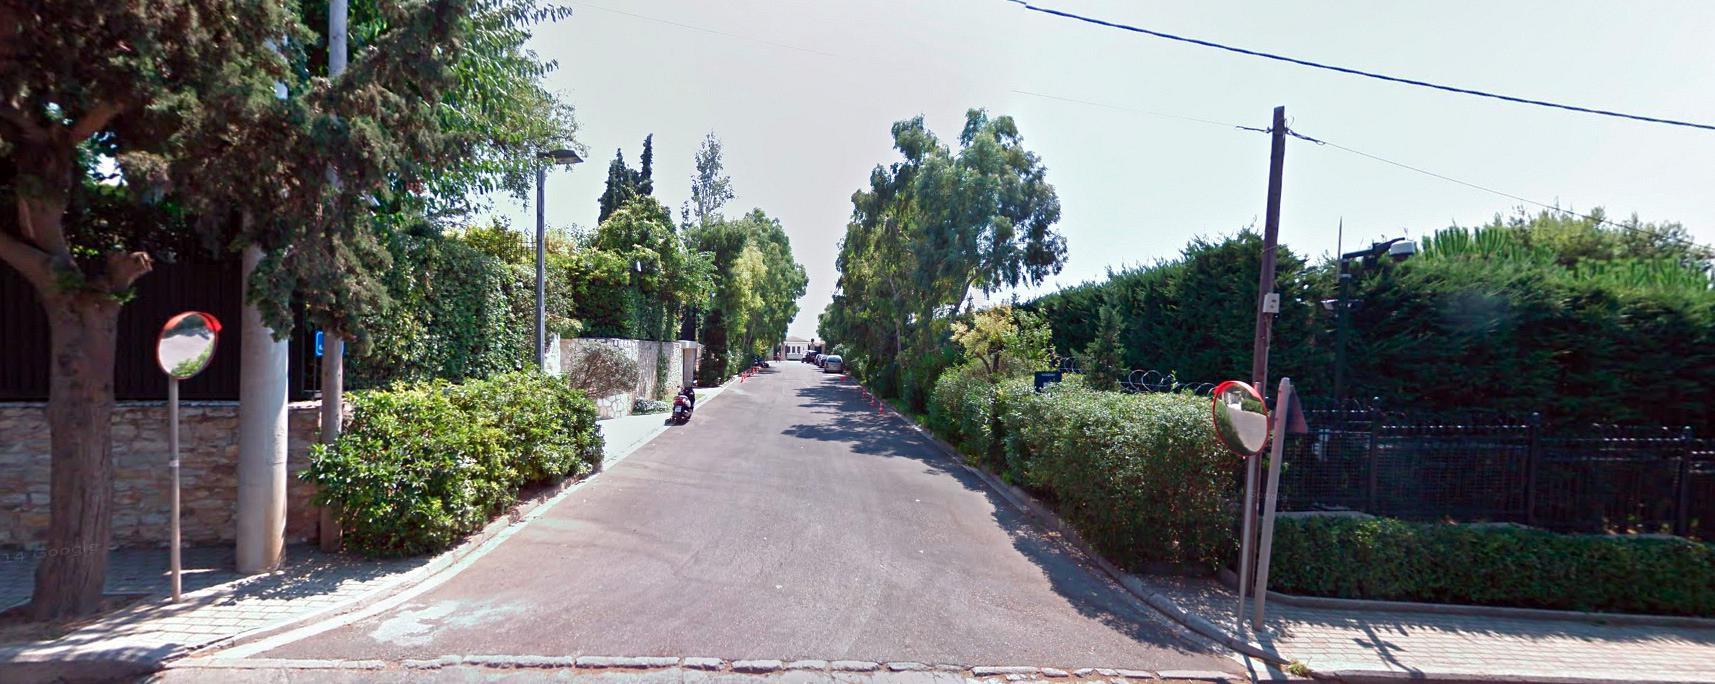 kifissamonsterstreetview